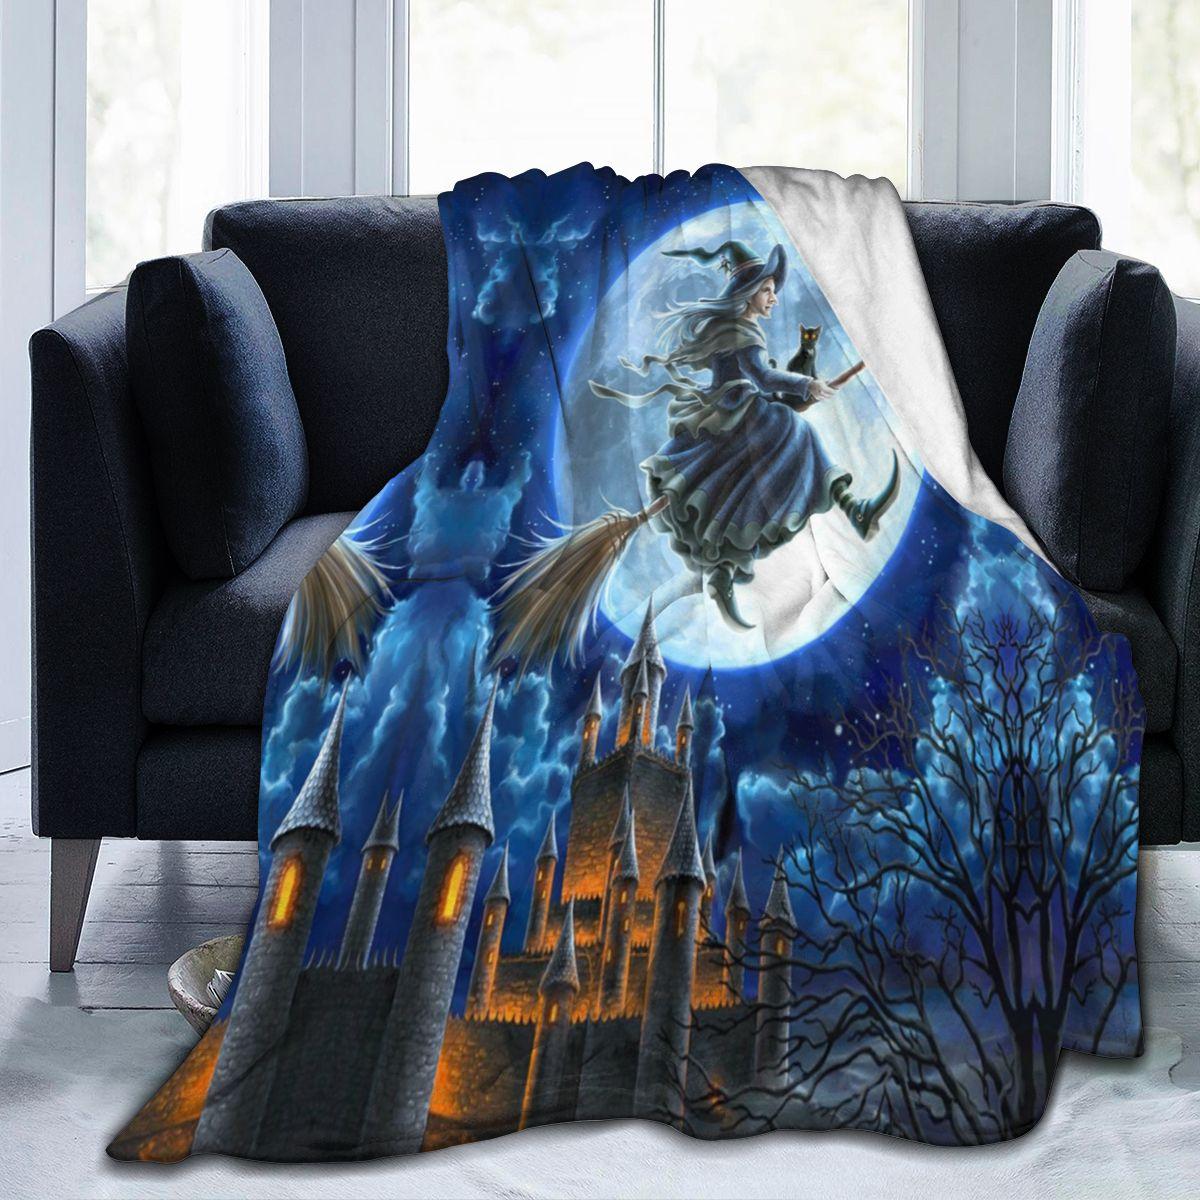 هالوين ثلاثية الأبعاد بطانية قطيفة مطبوعة ، شخصية بطانية ناعمة ورقيقة ، بدلا من الفراش ، الفانيلا غرفة نوم الأطفال الكبار لينة